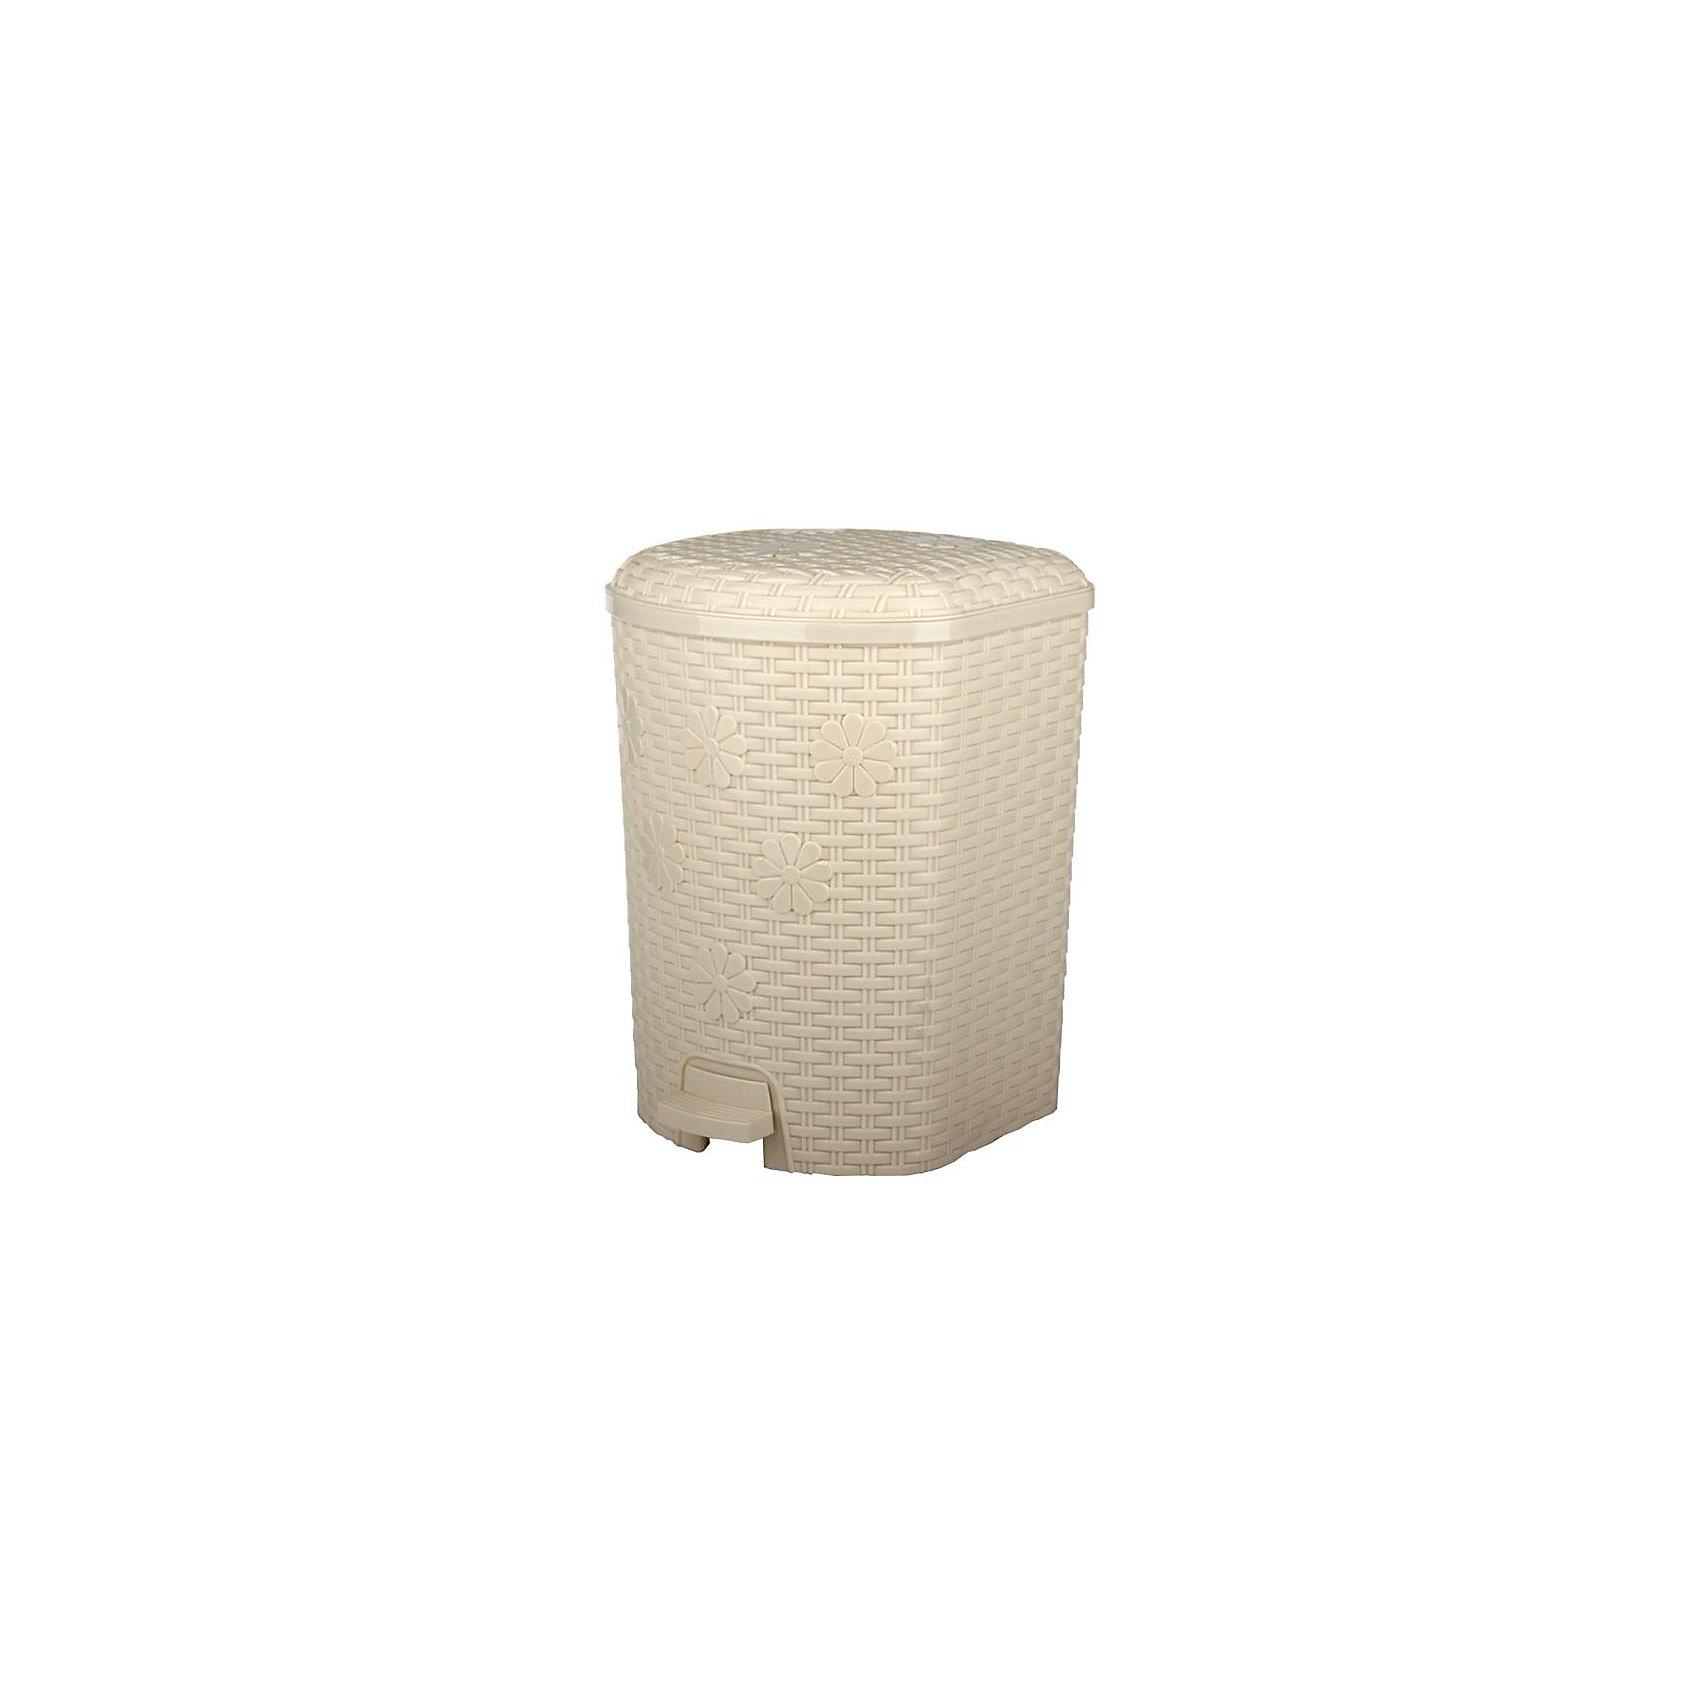 Контейнер для мусора Плетёнка 12л., Alternativa, слоновая костьПорядок в детской<br>Характеристики:<br><br>• Предназначение: для мусора<br>• Материал: пластик<br>• Цвет: слоновая кость<br>• Размер (Д*Ш*В): 22,8*22,5*33,6 см<br>• Вместимость (объем): 12 л<br>• Форма: прямоугольный<br>• Наличие крышки <br>• Наличие педали<br>• Наличие внутреннего контейнера-вкладыша с ручкой<br>• Особенности ухода: разрешается мыть теплой водой<br><br>Контейнер для мусора Плетёнка 12 л., Alternativa, слоновая кость изготовлен отечественным производителем ООО ЗПИ Альтернатива, который специализируется на выпуске широкого спектра изделий из пластика. Контейнер выполнен из экологически безопасного пластика, устойчивого к механическим повреждениям, корпус оформлен имитацией плетения из лозы, в комплекте внутренний контейнер-вкладыш с ручкой и педаль для подъма крышки. Изделие имеет удобную форму, достаточно легкое в уходе. Контейнер для мусора Плетёнка 12 л., Alternativa, слоновая кость позволит поддерживать порядок дома без особого труда.<br><br>Контейнер для мусора Плетёнка 12 л., Alternativa, слоновая кость можно купить в нашем интернет-магазине.<br><br>Ширина мм: 228<br>Глубина мм: 225<br>Высота мм: 336<br>Вес г: 1323<br>Возраст от месяцев: 6<br>Возраст до месяцев: 84<br>Пол: Унисекс<br>Возраст: Детский<br>SKU: 5096591